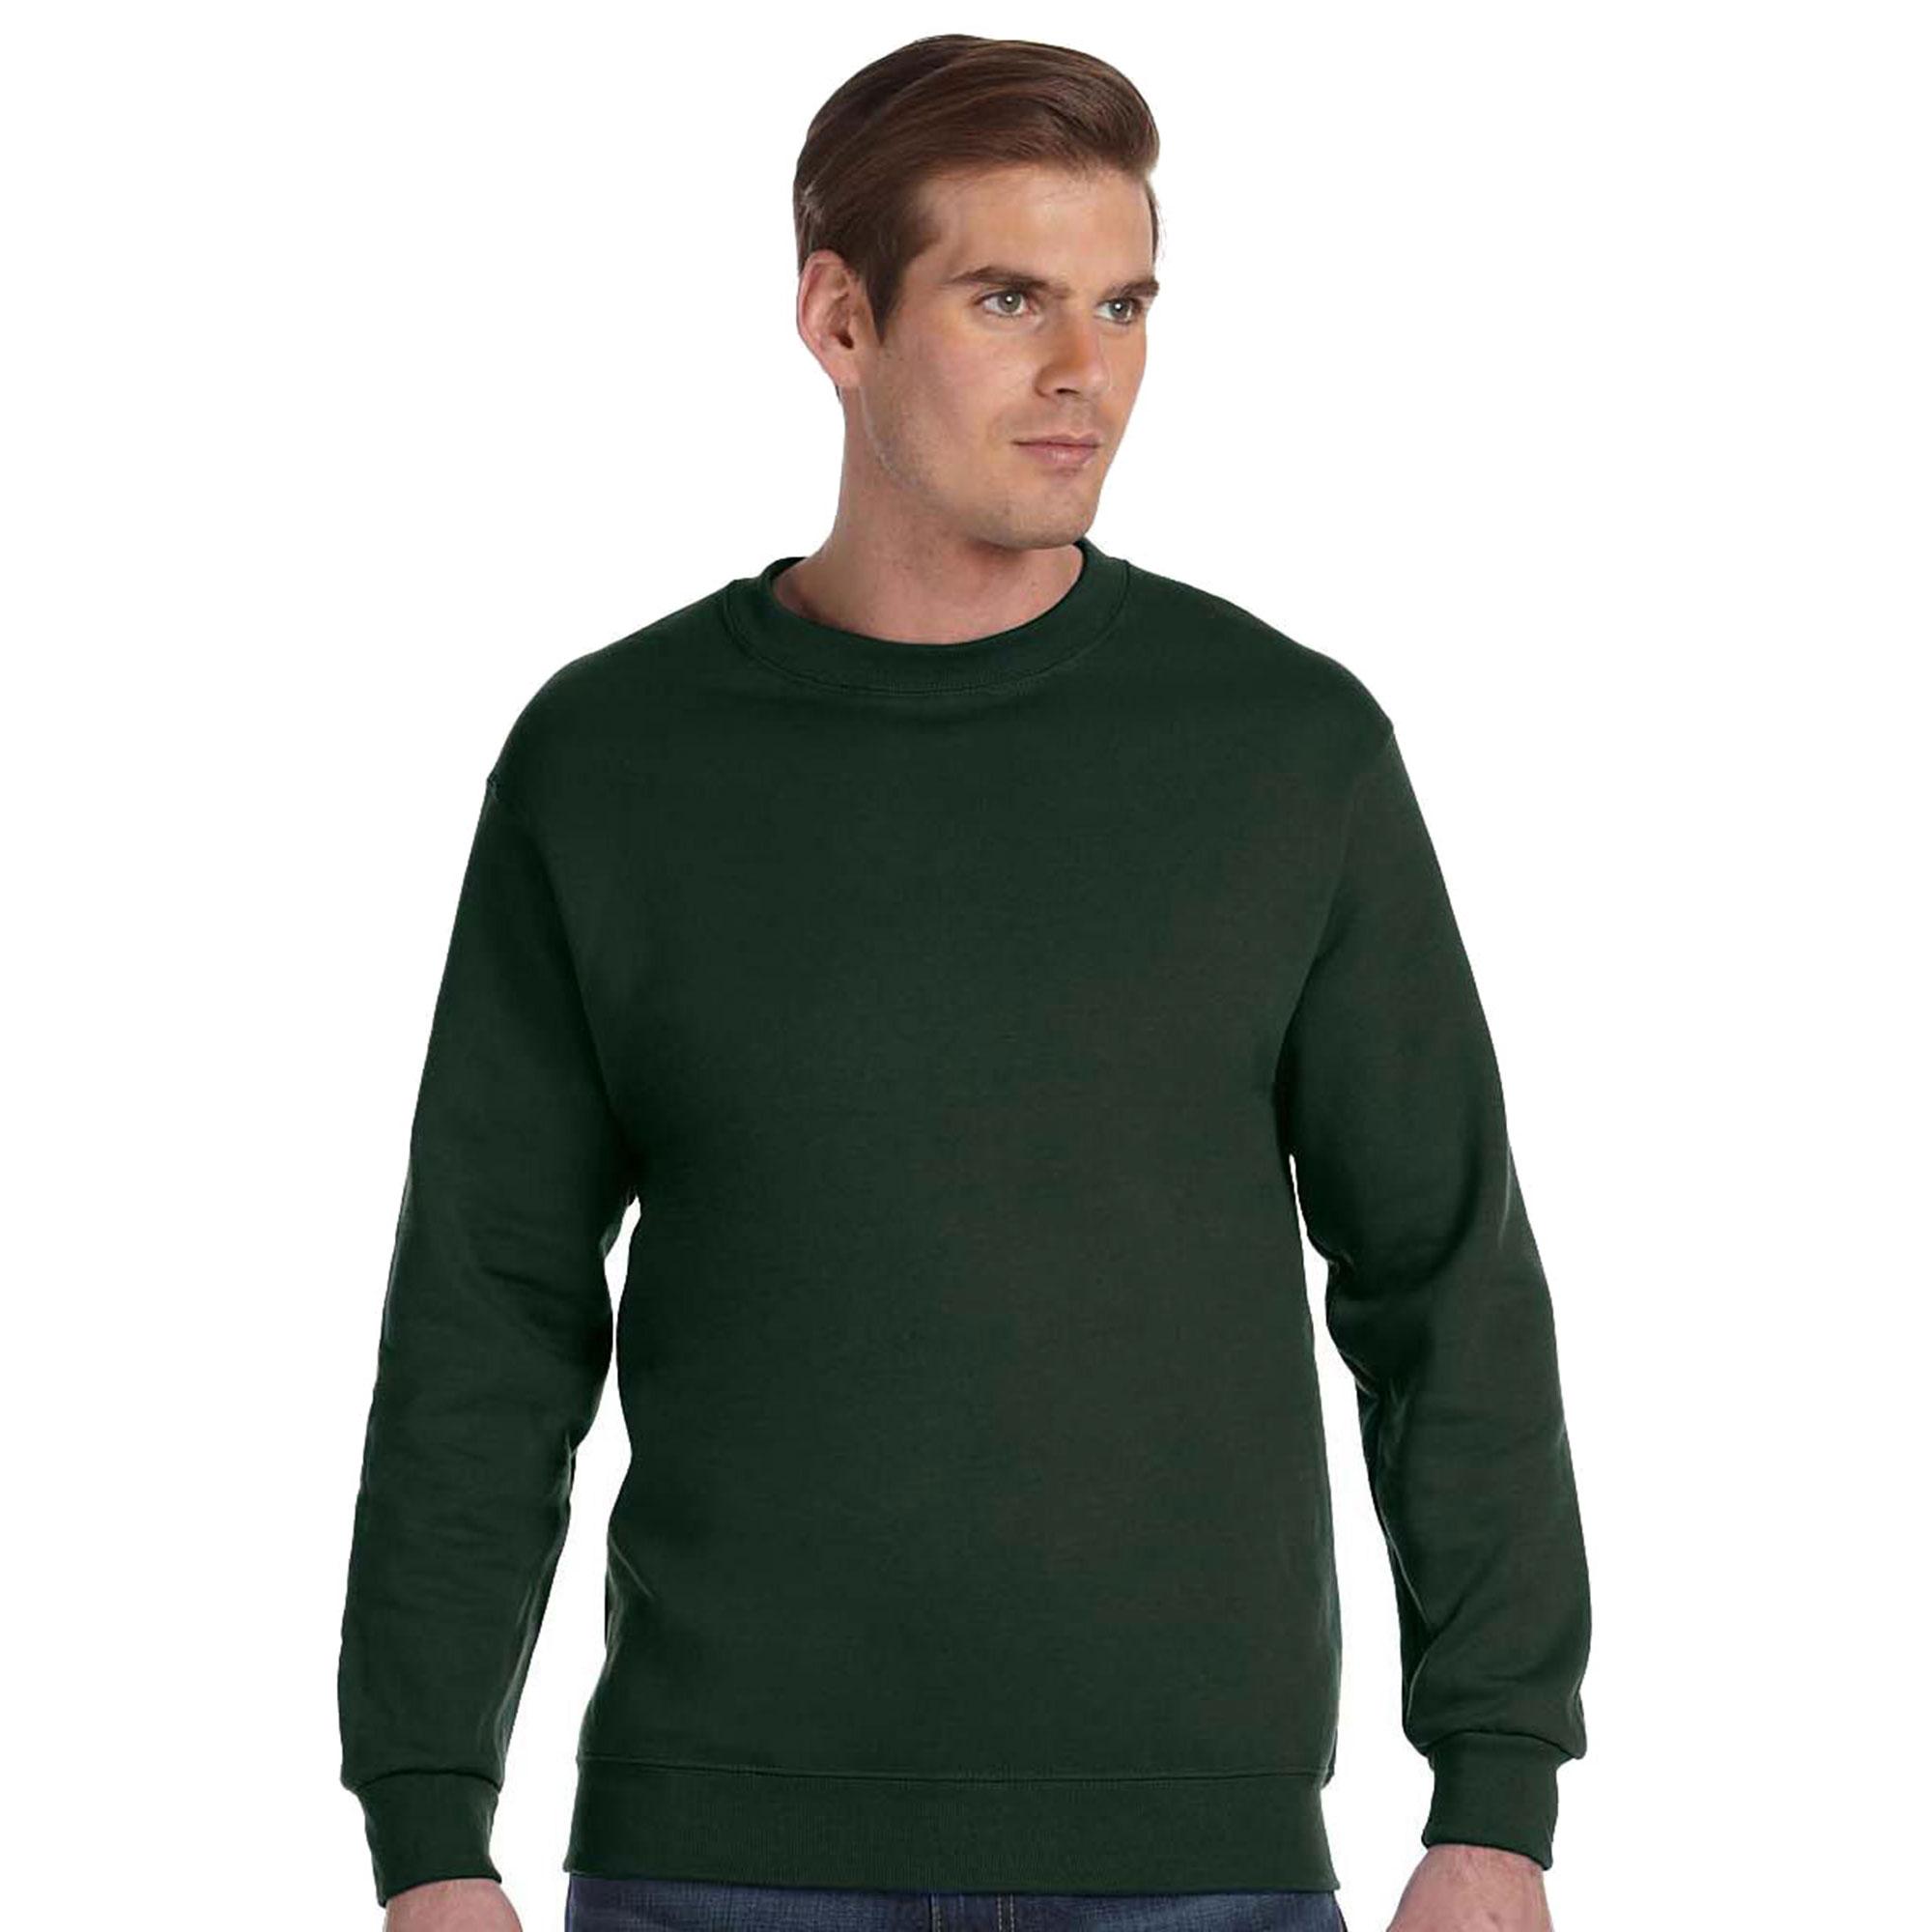 Fruit of the Loom 1630 Men's Best Fleece Crewneck Sweatshirt at Sears.com